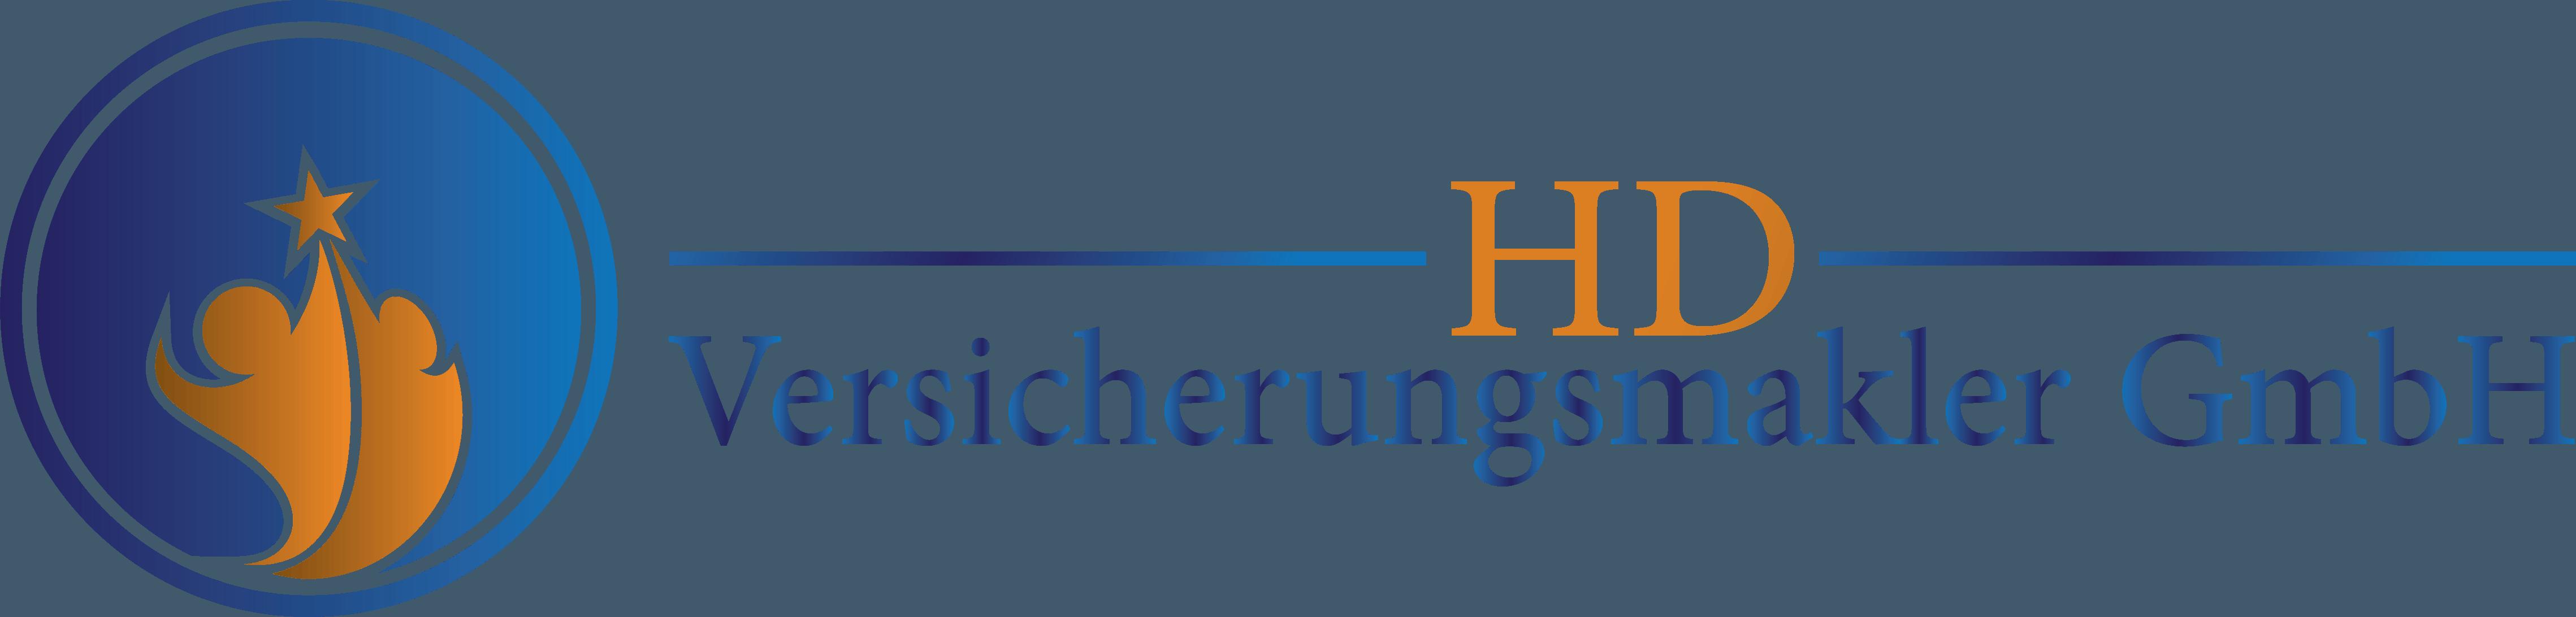 HD Versicherungsmakler GmbH- Ihr unabhngiger Versicherungsexperte